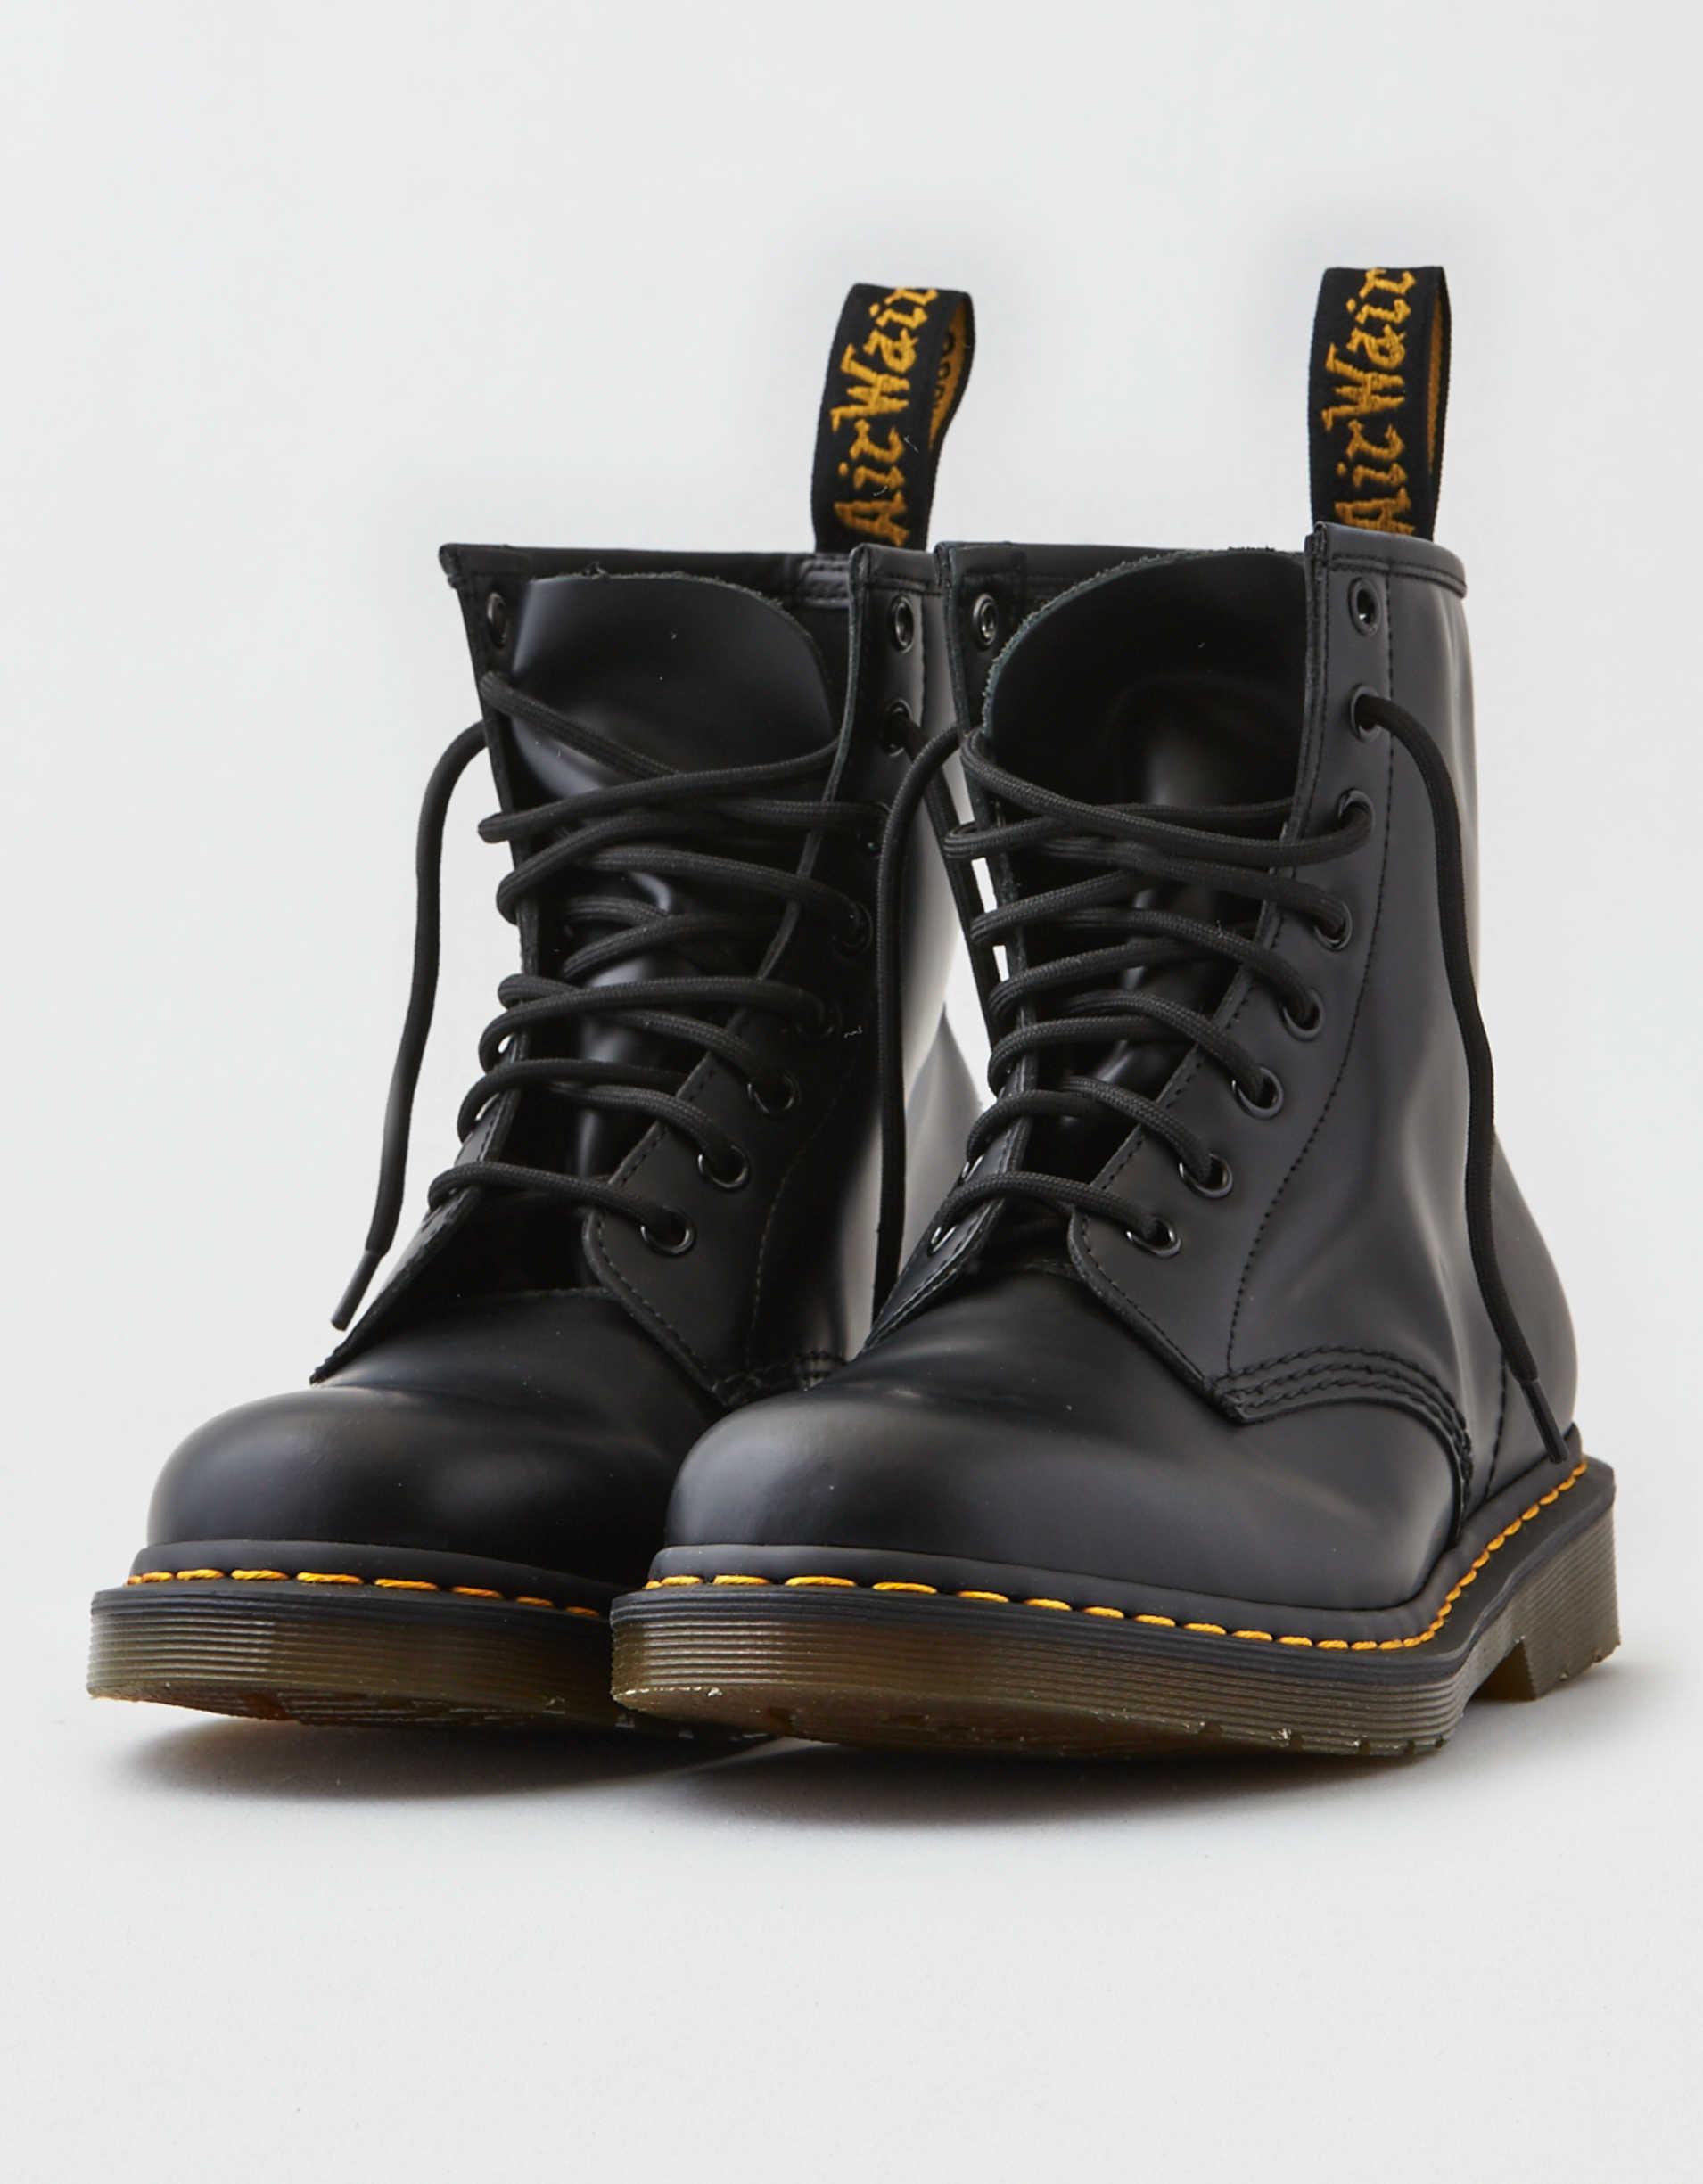 heißer Verkauf online gut aussehen Schuhe verkaufen Luxus-Ästhetik Dr. Martens 1460 Smooth Boot